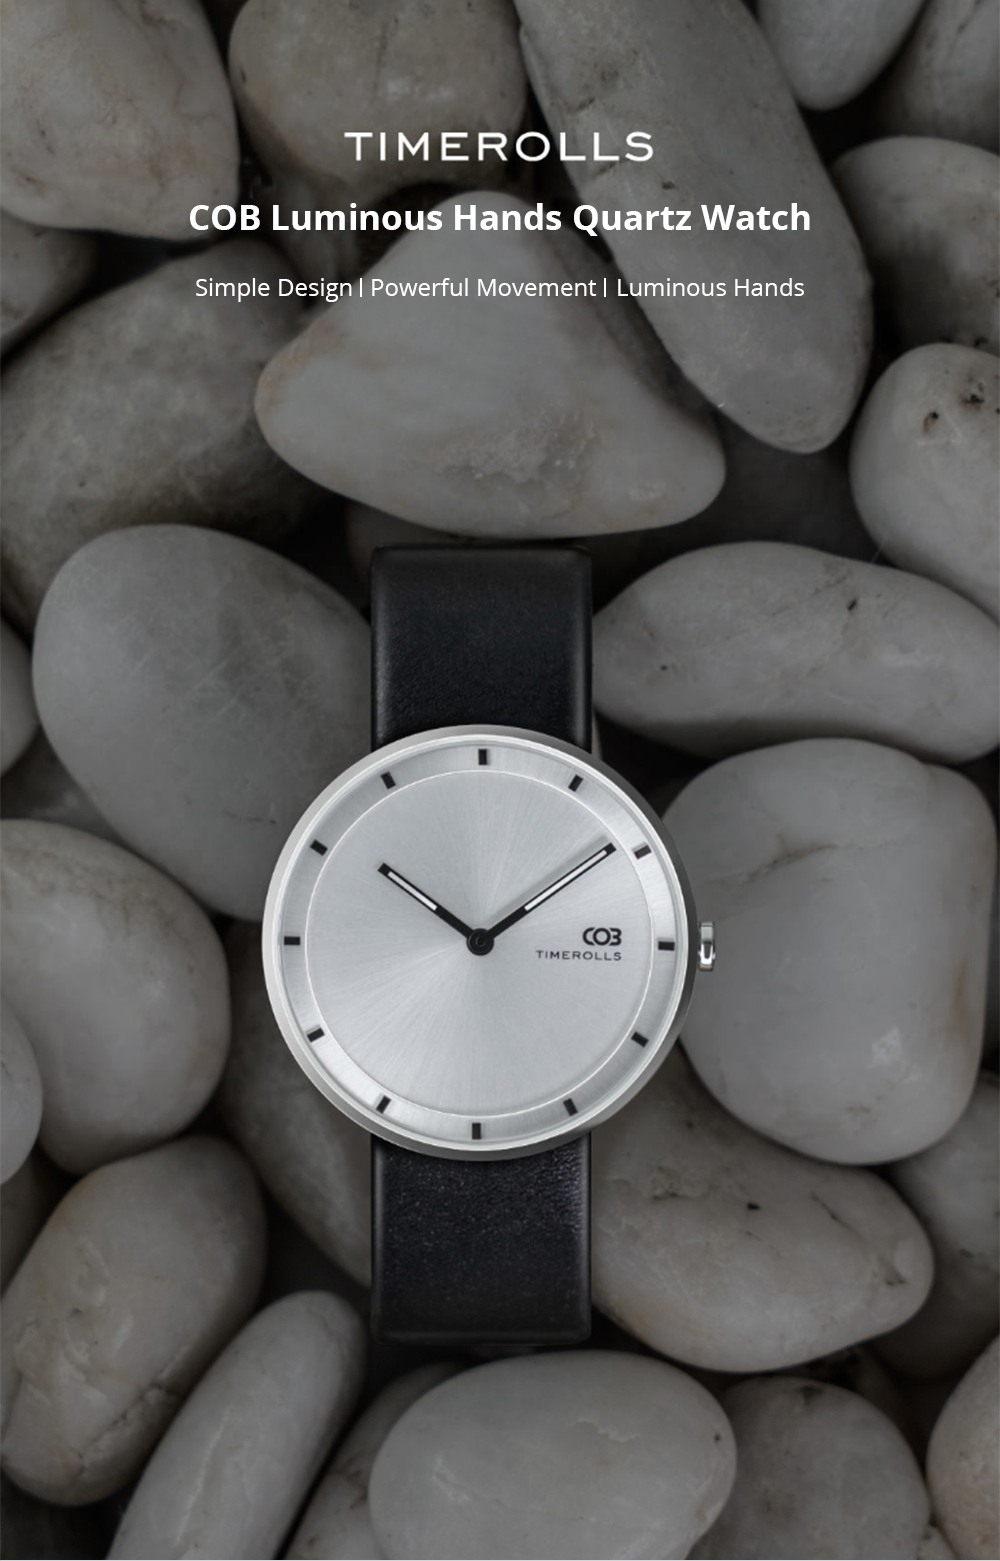 Reloj de cuarzo Xiaomi Youpin TIMEROLLS COB - la belleza del diseño minimalista Xiaomi-Youpin-TIMEROLLS-COB-Quartz-Watch-1